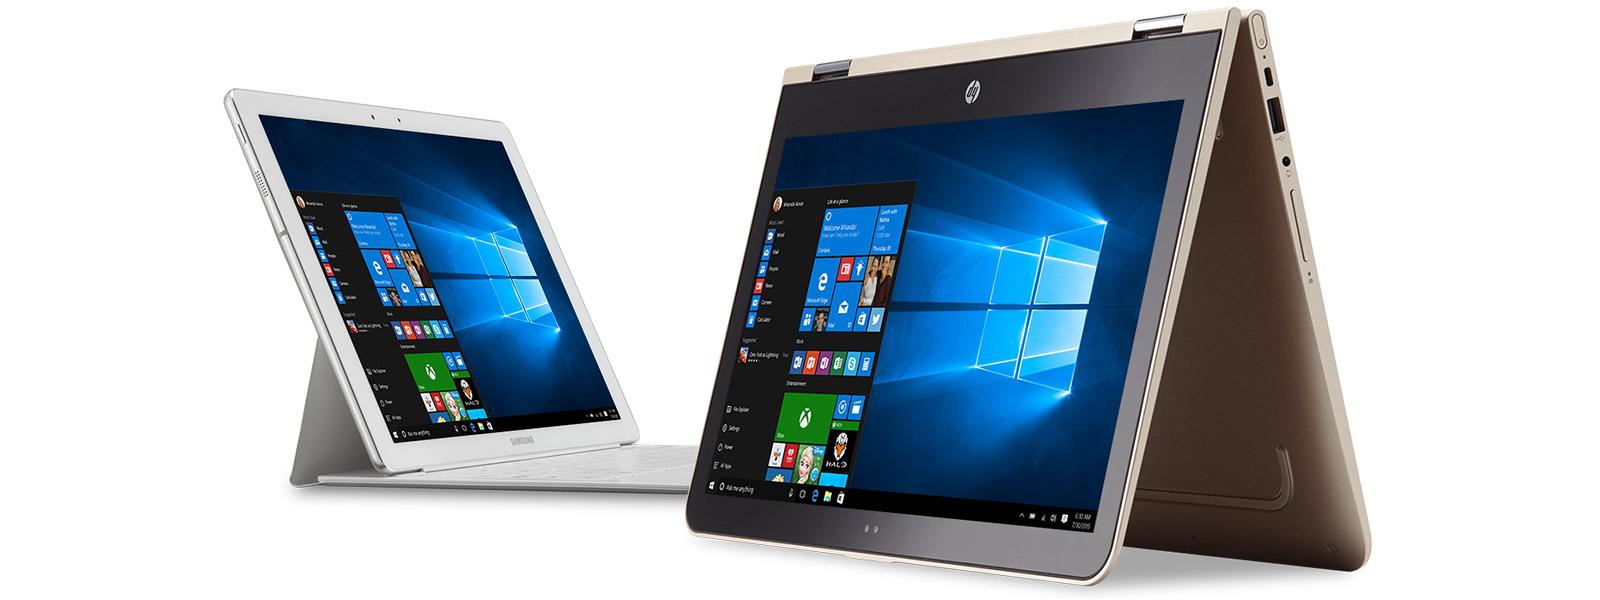 Microsoft-apparaten met Windows Startmenu